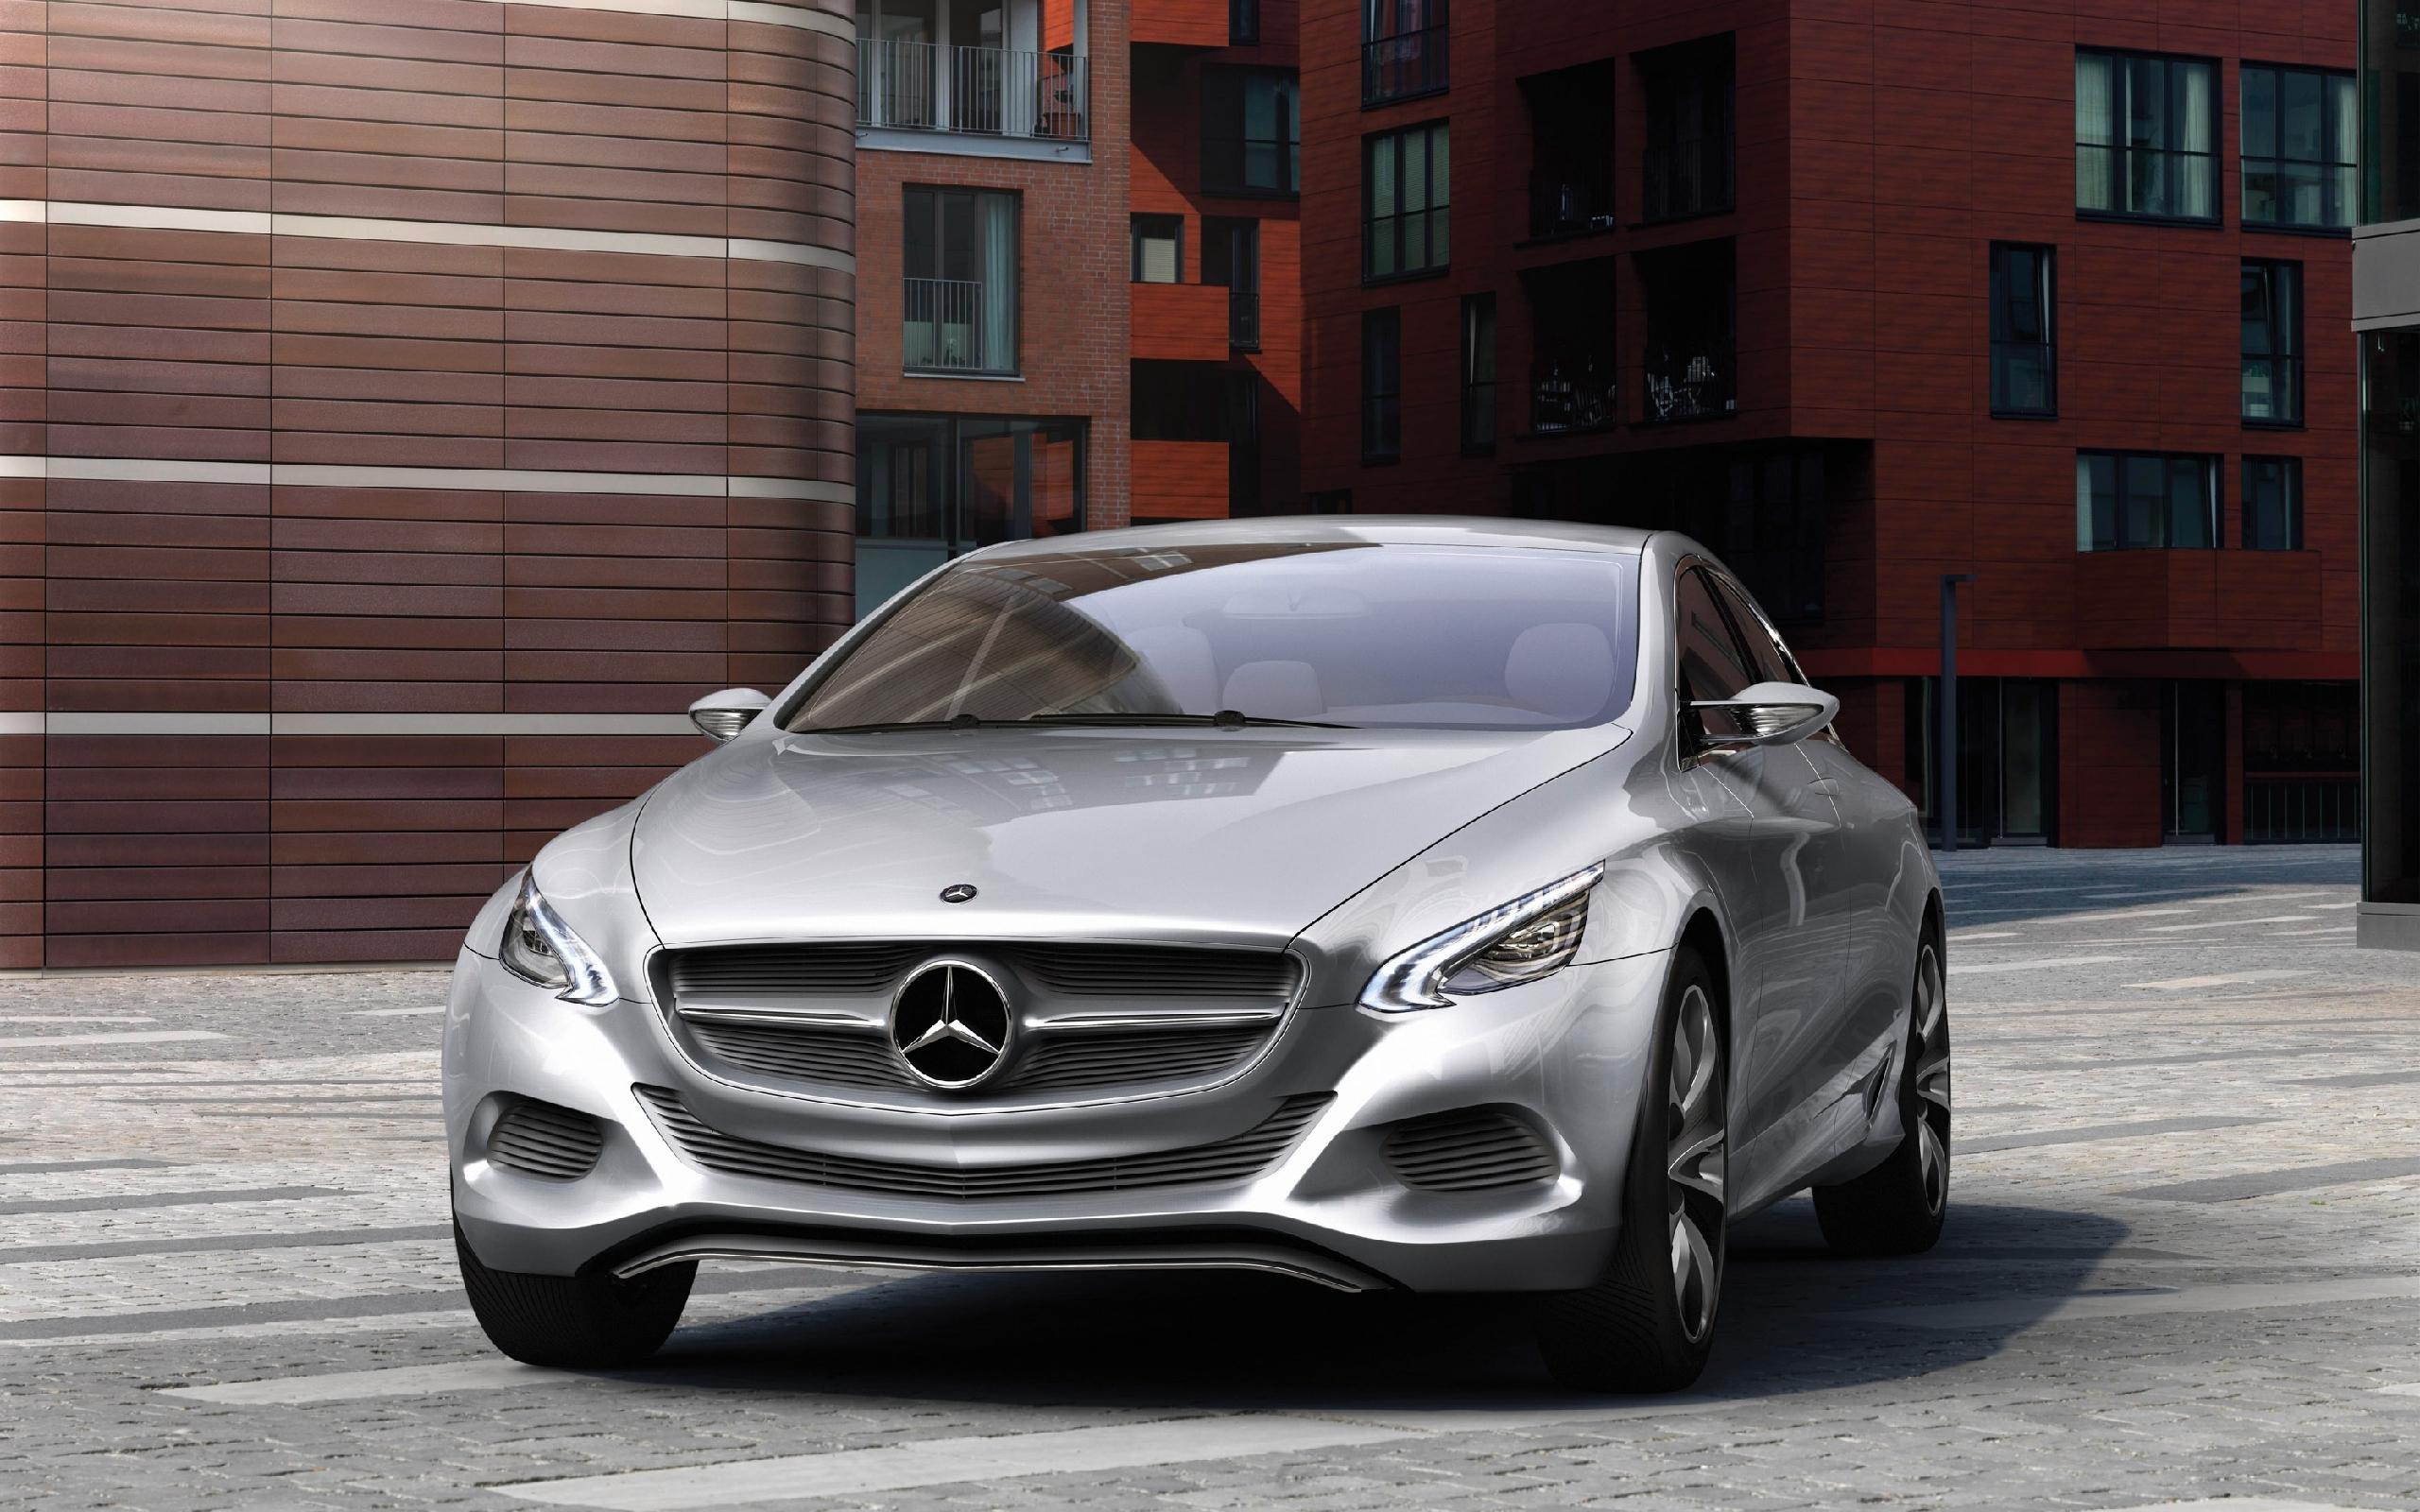 49194 скачать обои Транспорт, Машины, Мерседес (Mercedes) - заставки и картинки бесплатно